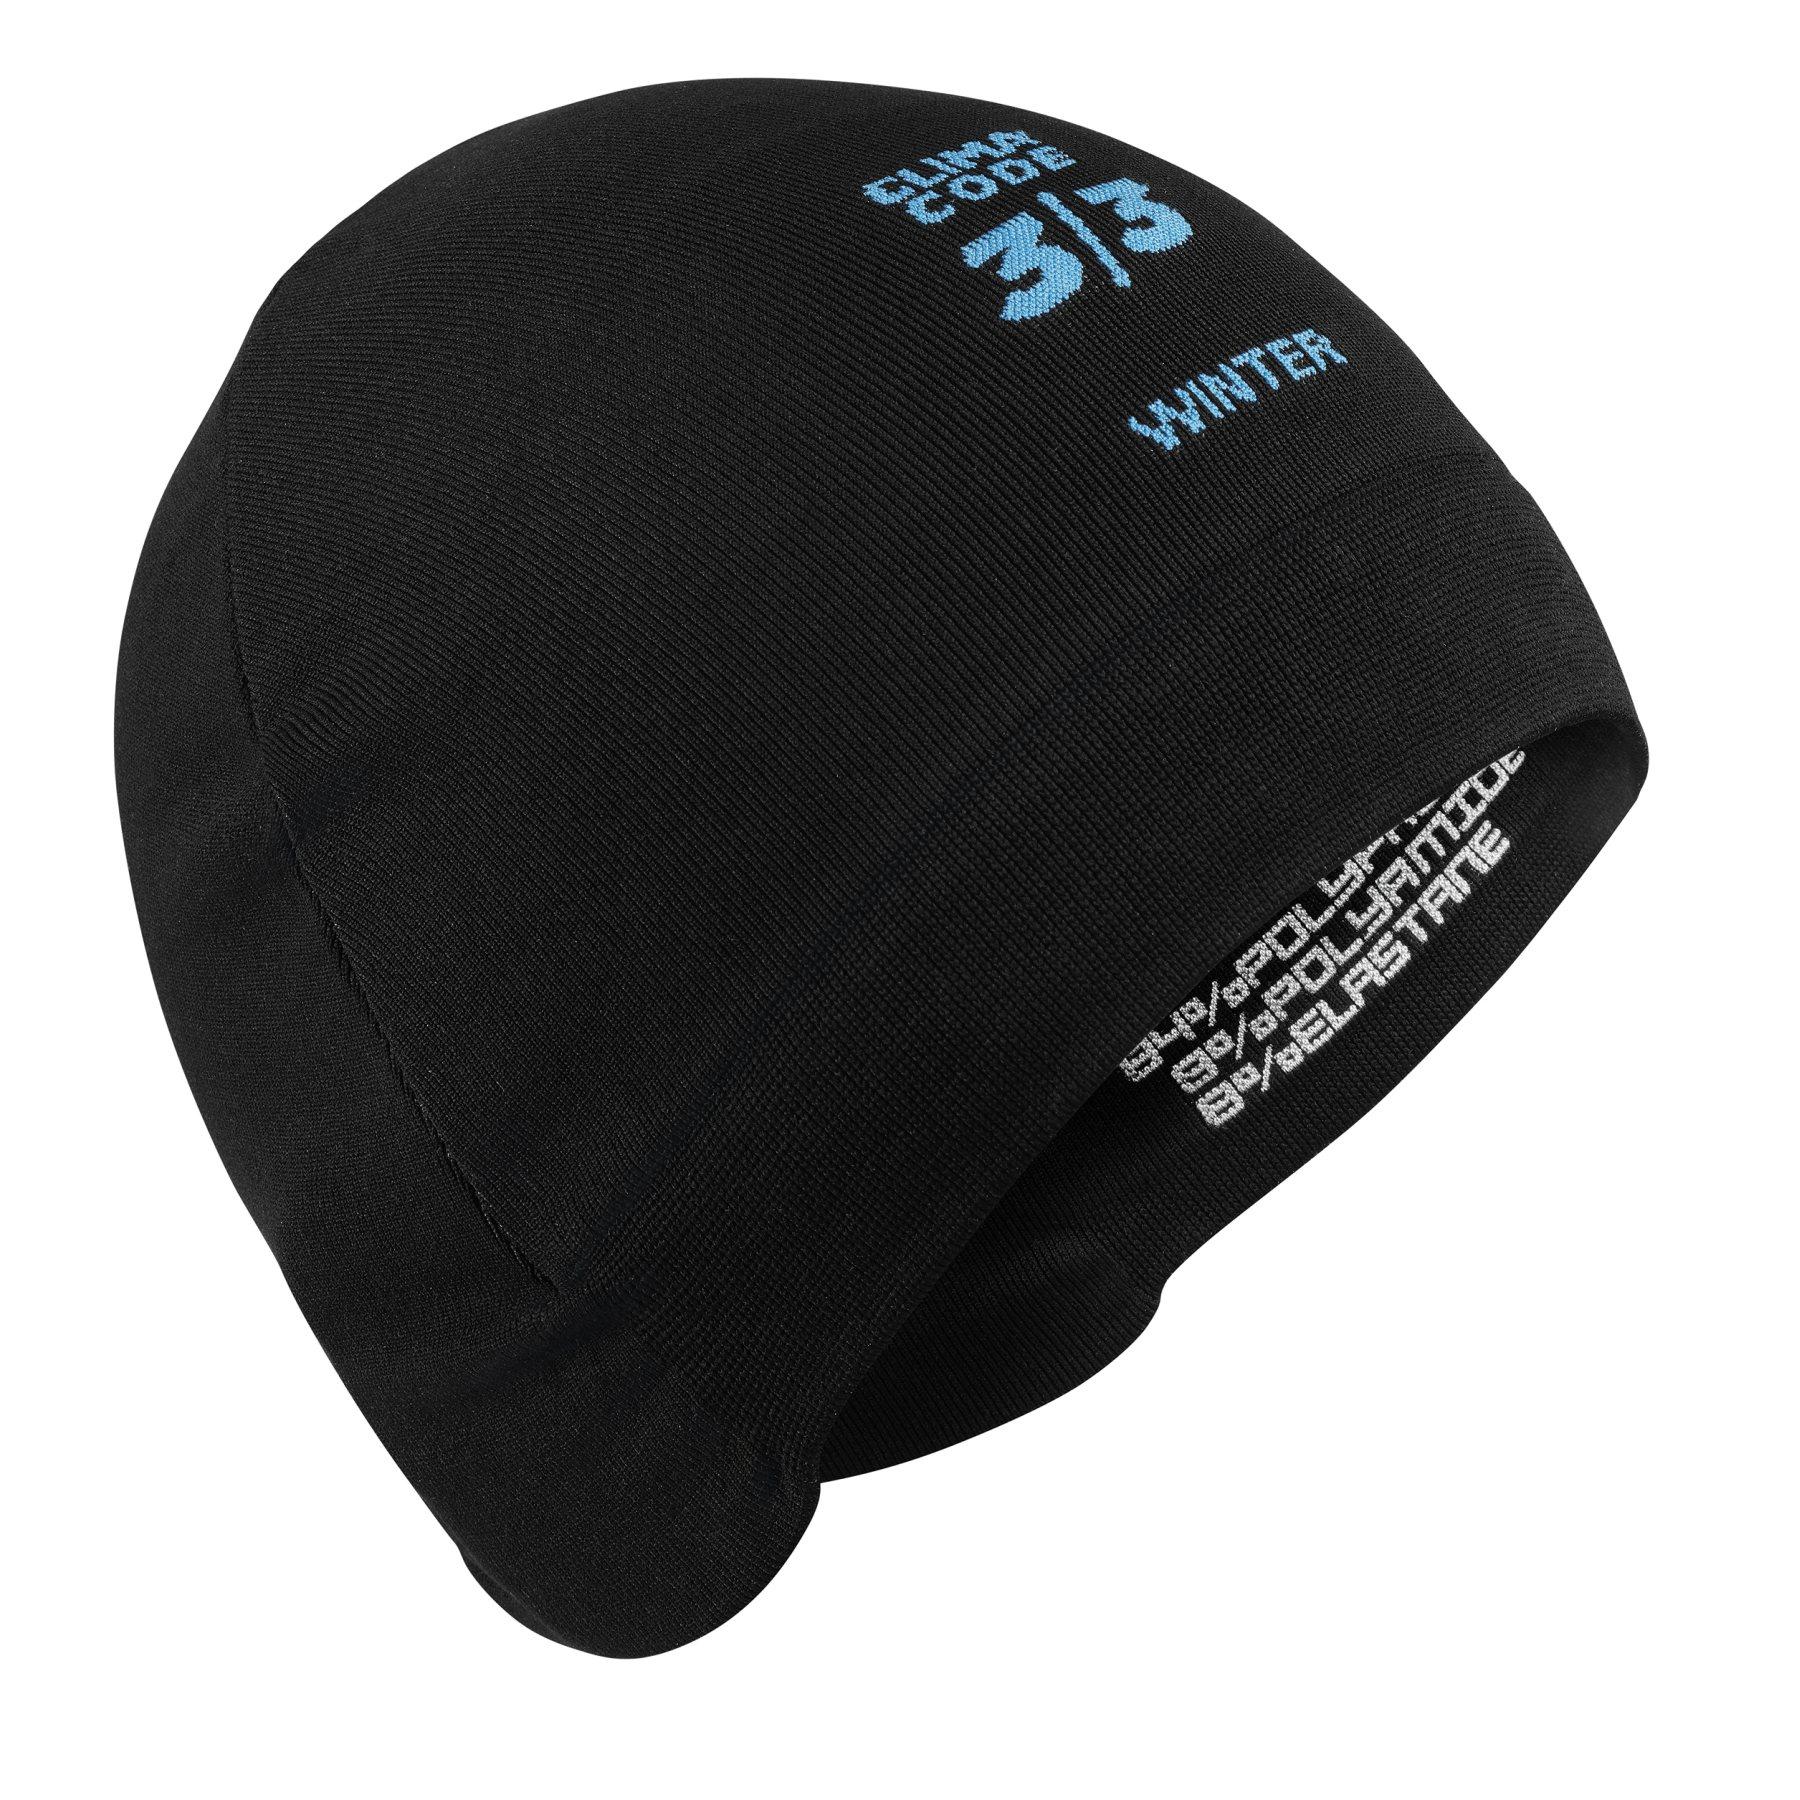 Assos ASSOSOIRES Winter Robo Foil Gorra - black series